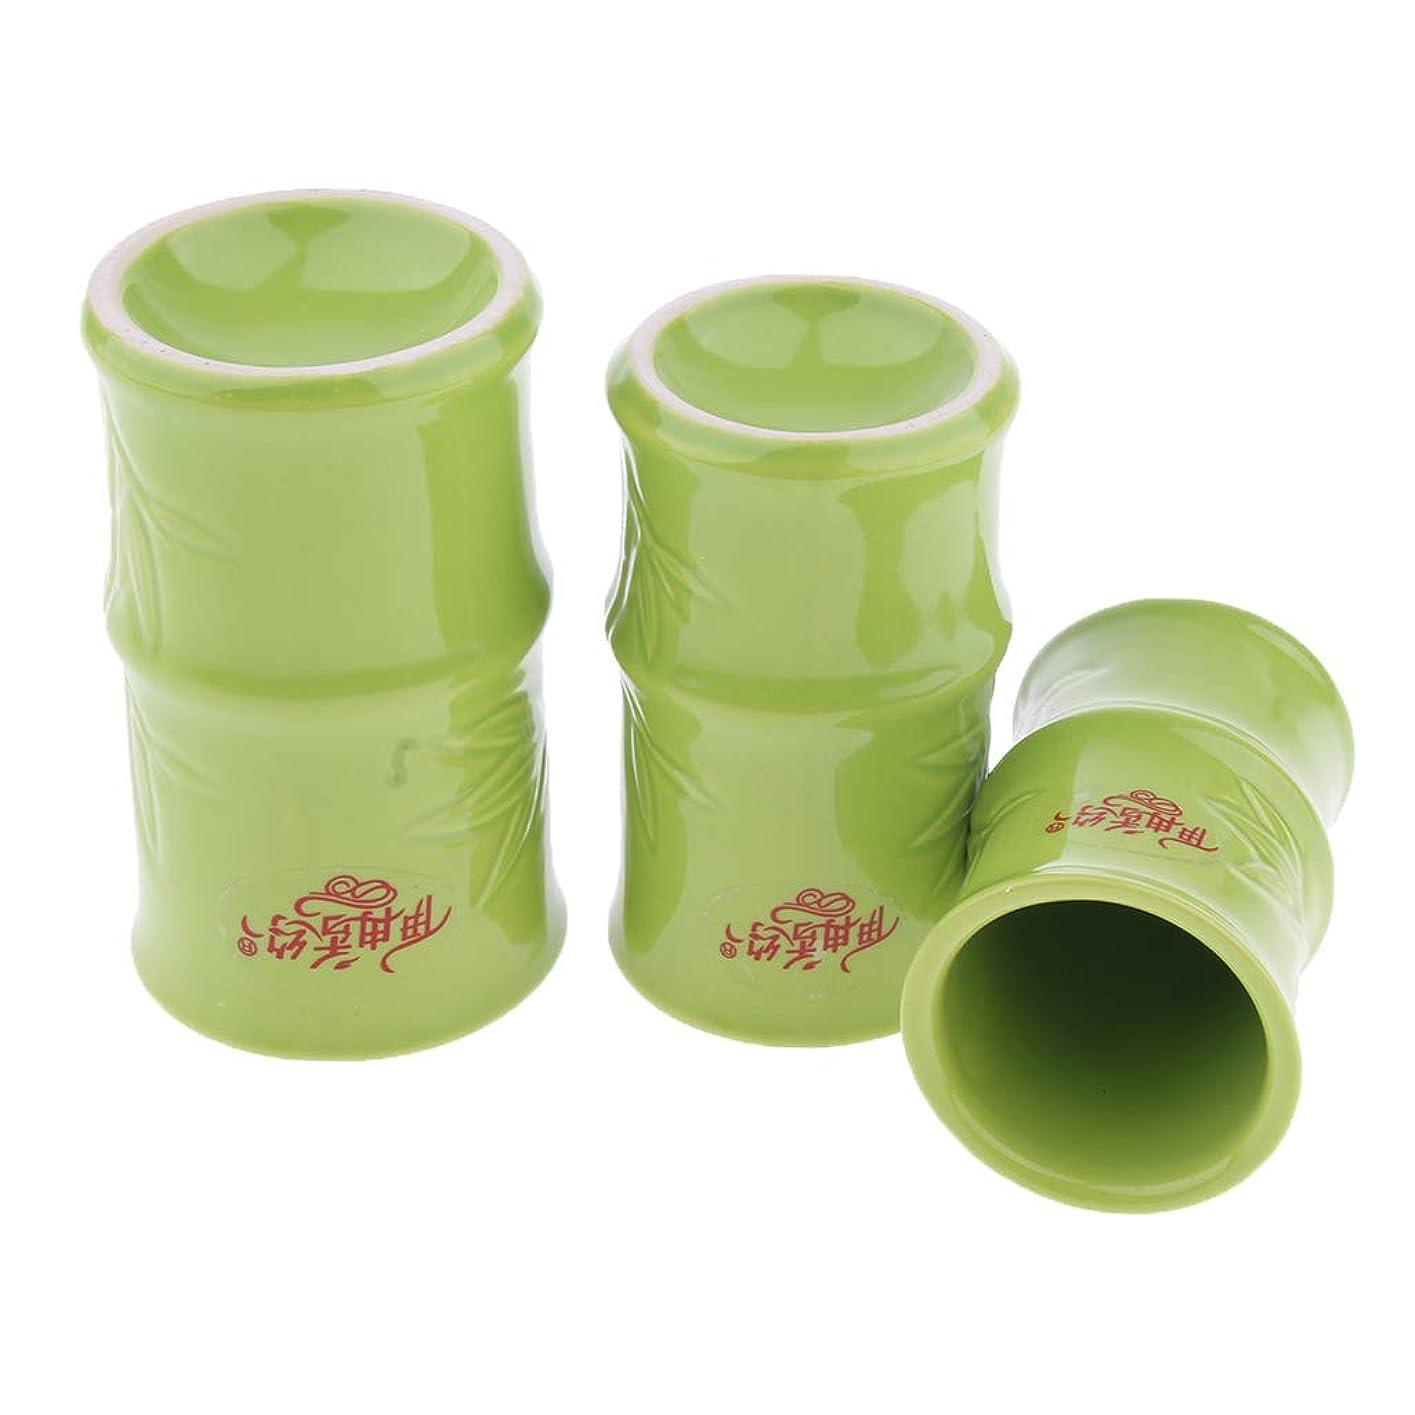 紳士ゲームアーティキュレーションPerfeclan 中国 伝統的 健康法 吸玉 手軽 カッピングカップ 3個セット セラミック製 ボディ マッサージ